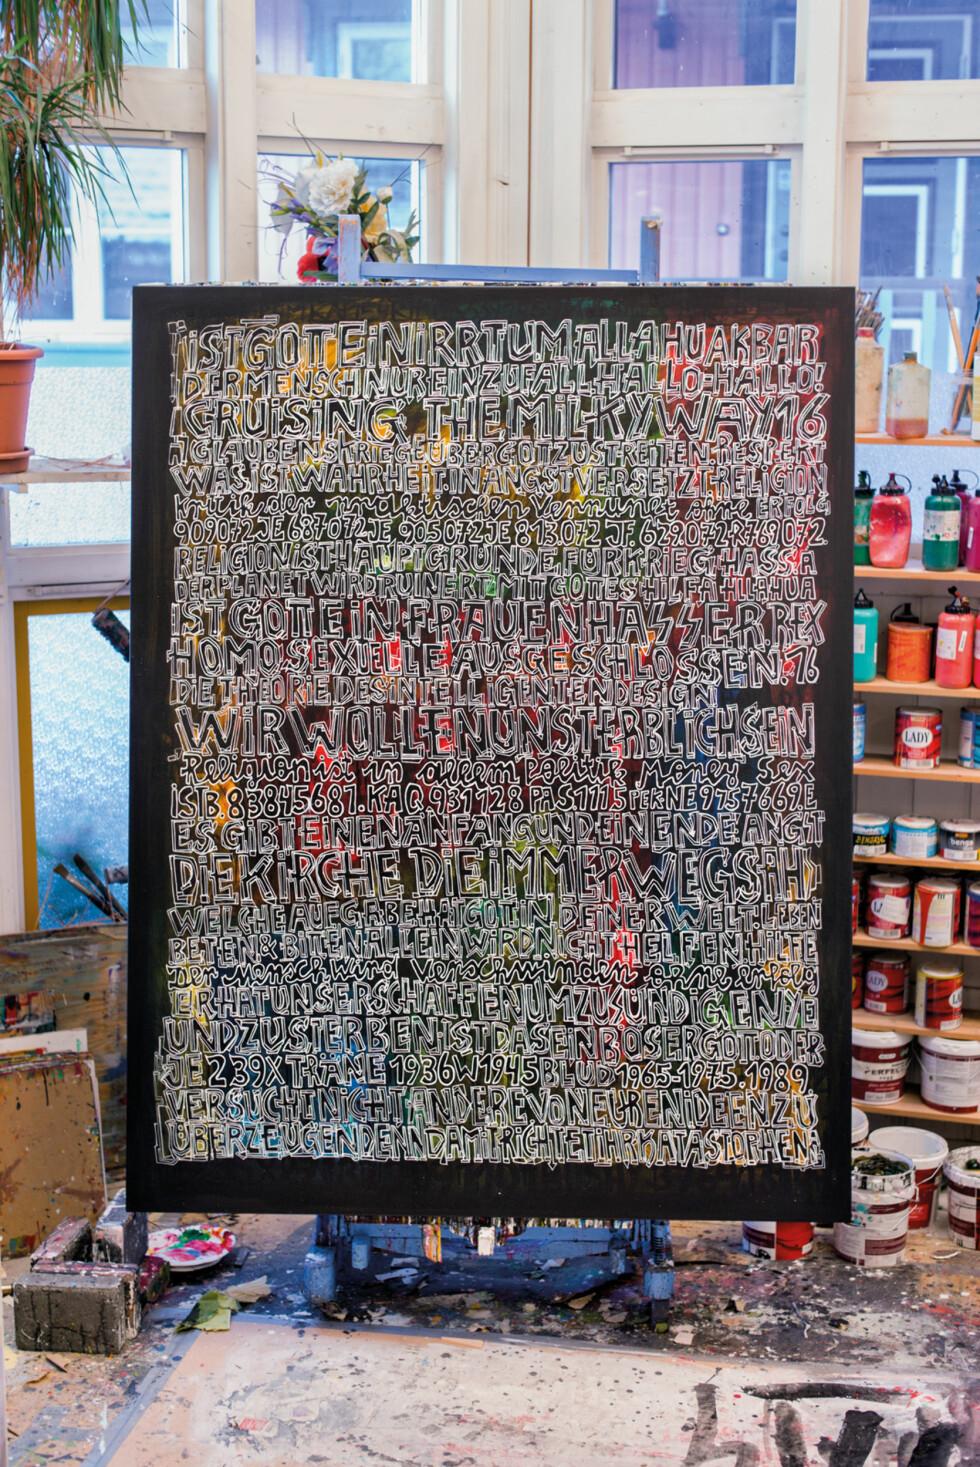 NY KUNST: Åttiåringen Storn er fortsatt produktiv og lager stadig nye kunstverk.  Foto: Bjørn Wad